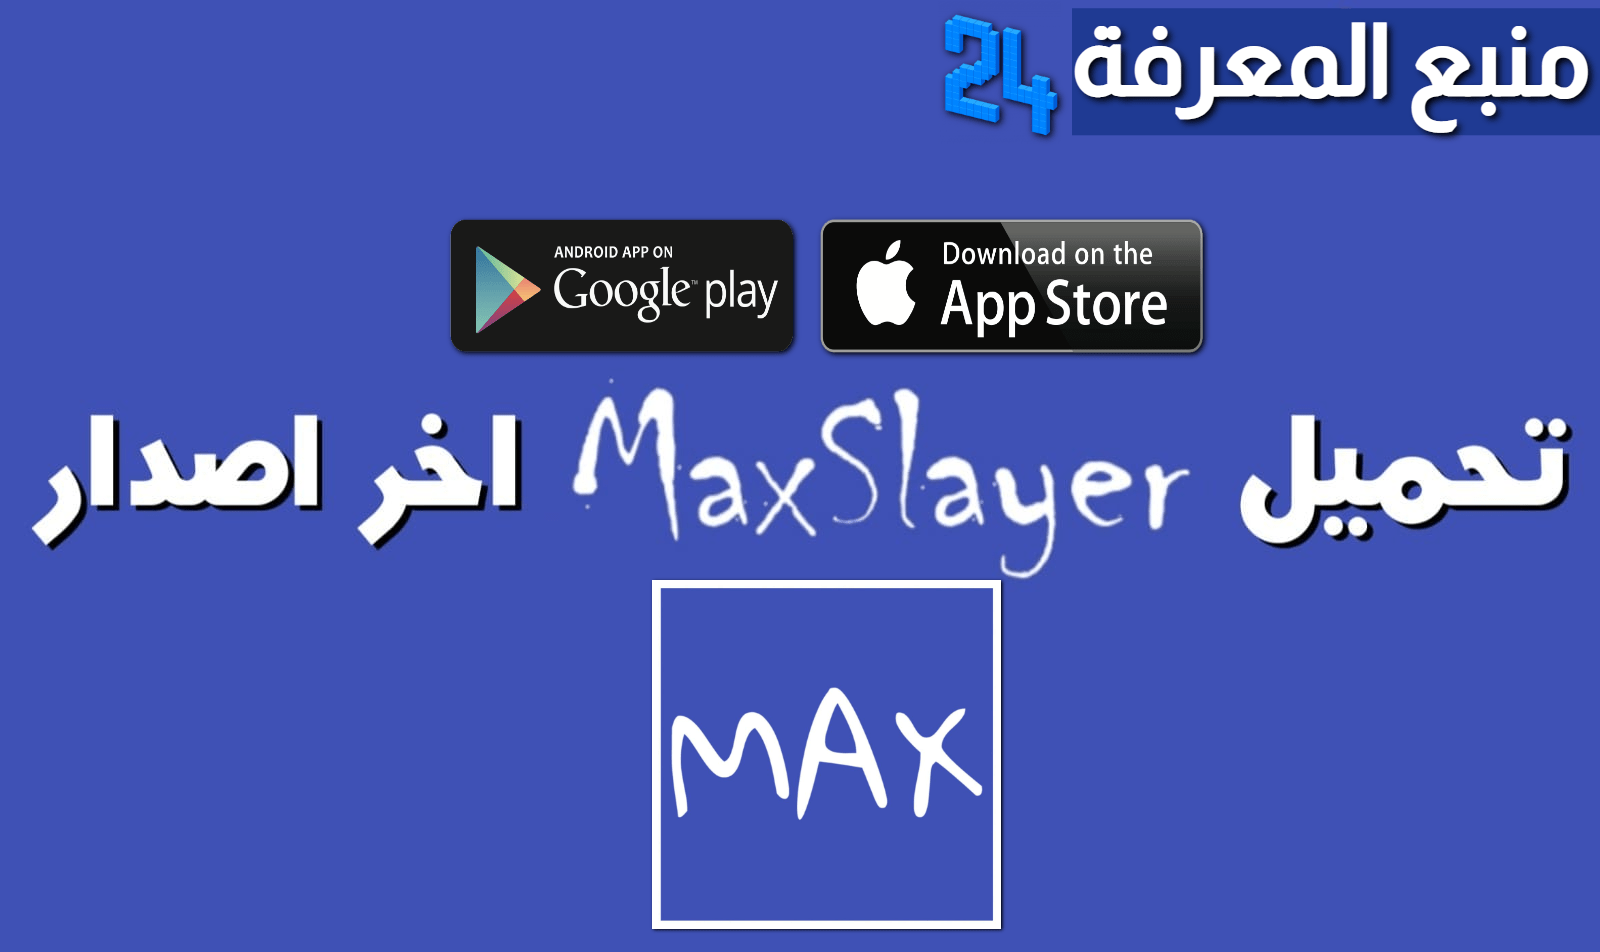 تحميل تطبيق Max Slayer لمشاهدة وتحميل الافلام والمسلسلات